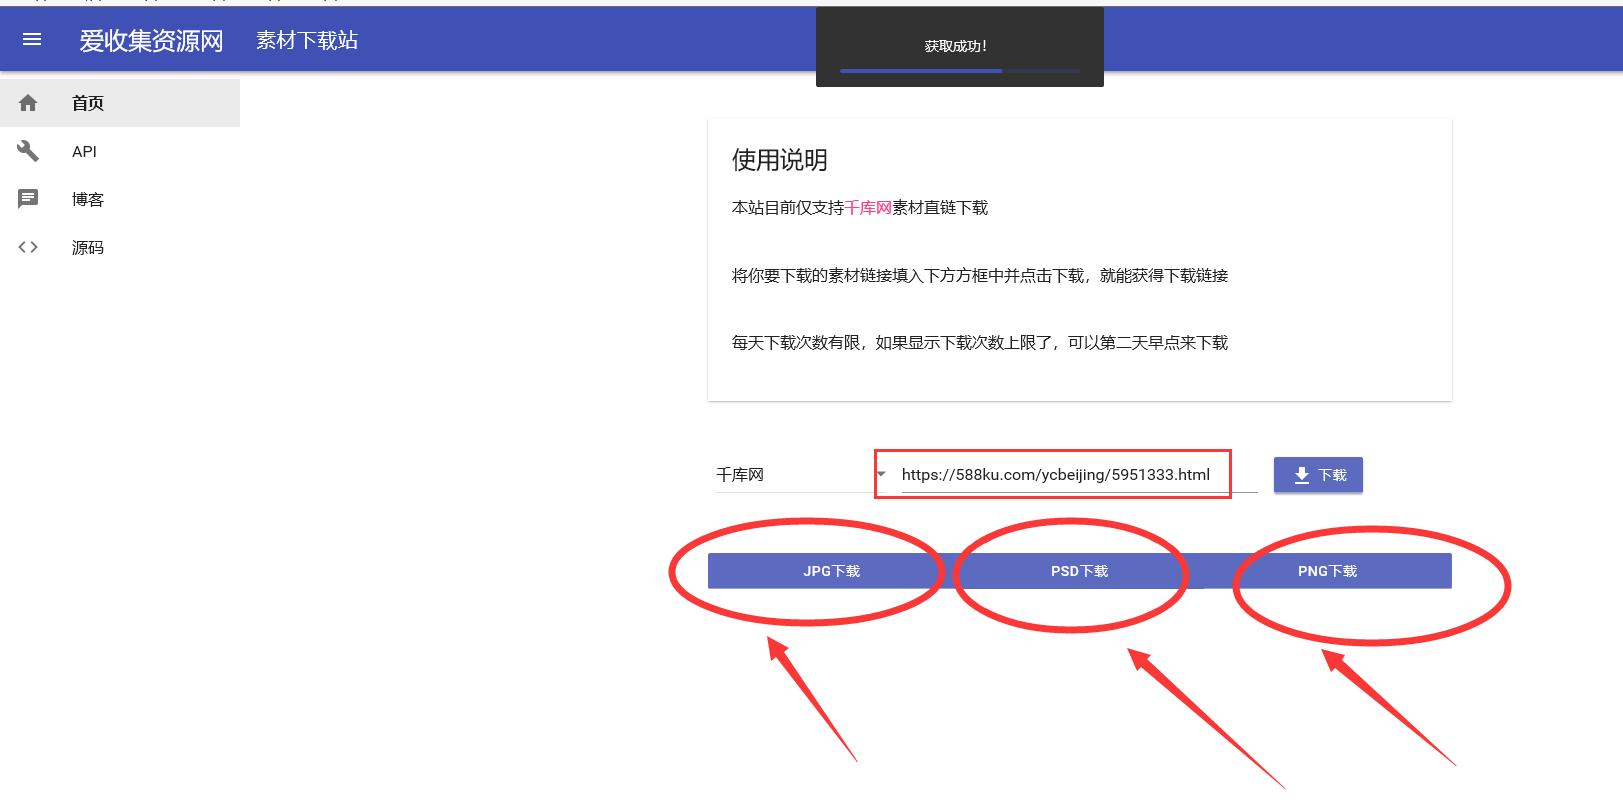 千库下载秒解析html源码